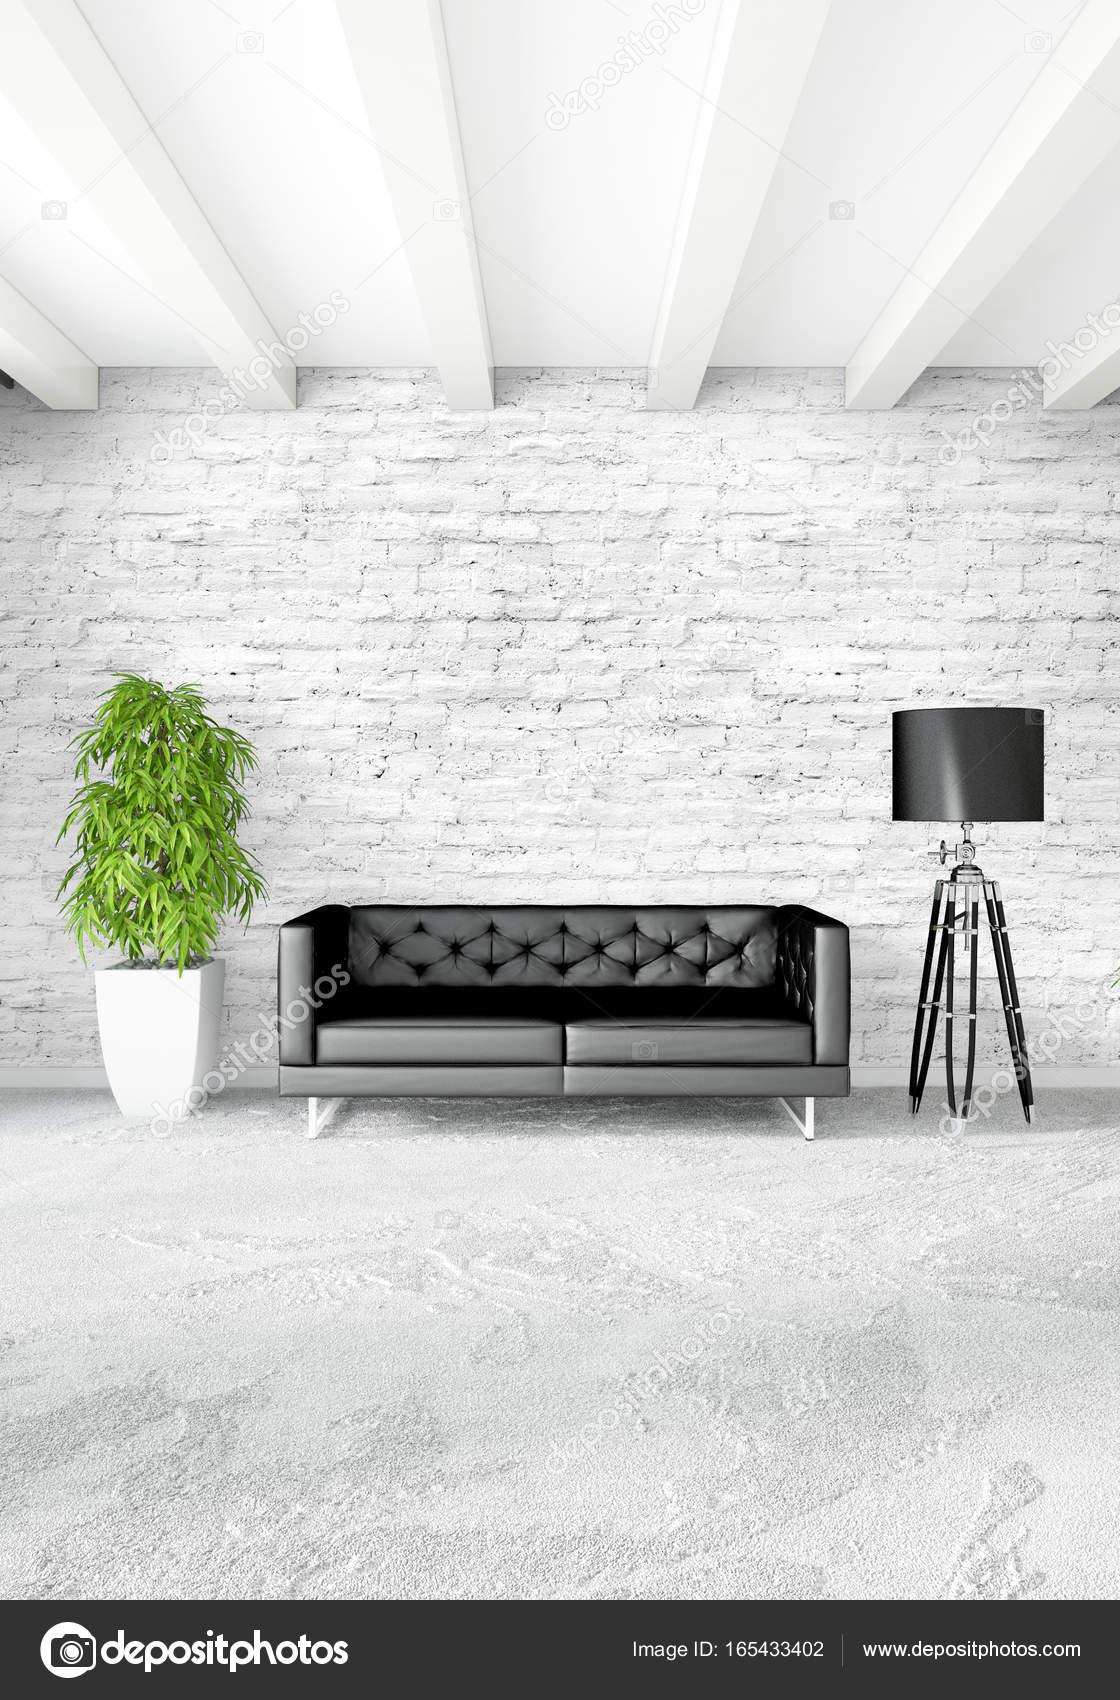 Innen moderne Loft-Schlafzimmer oder Wohnzimmer mit eklektischen ...